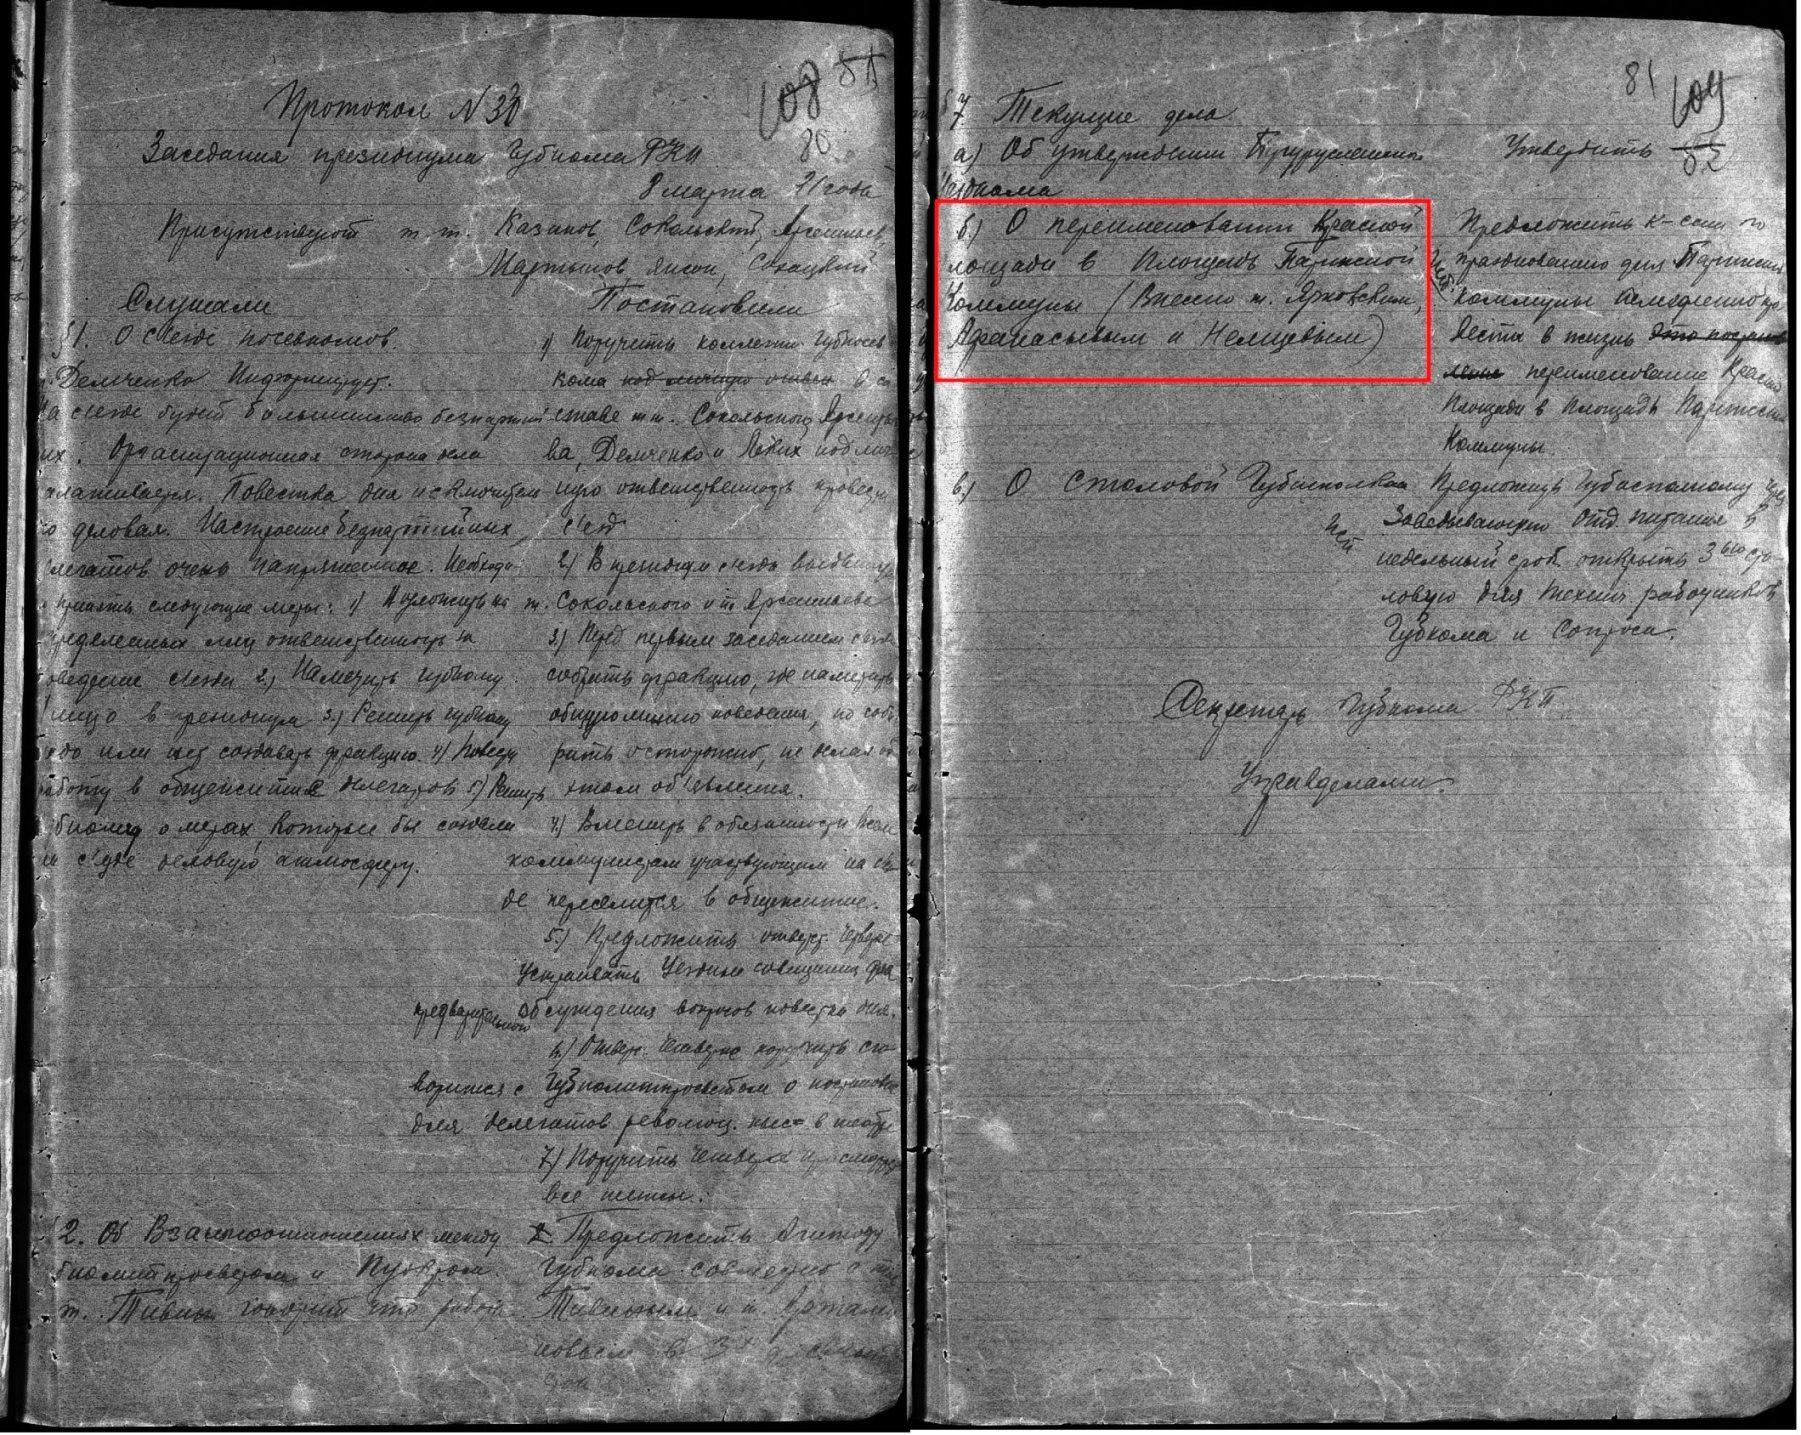 Архивный документ о переименовании площади